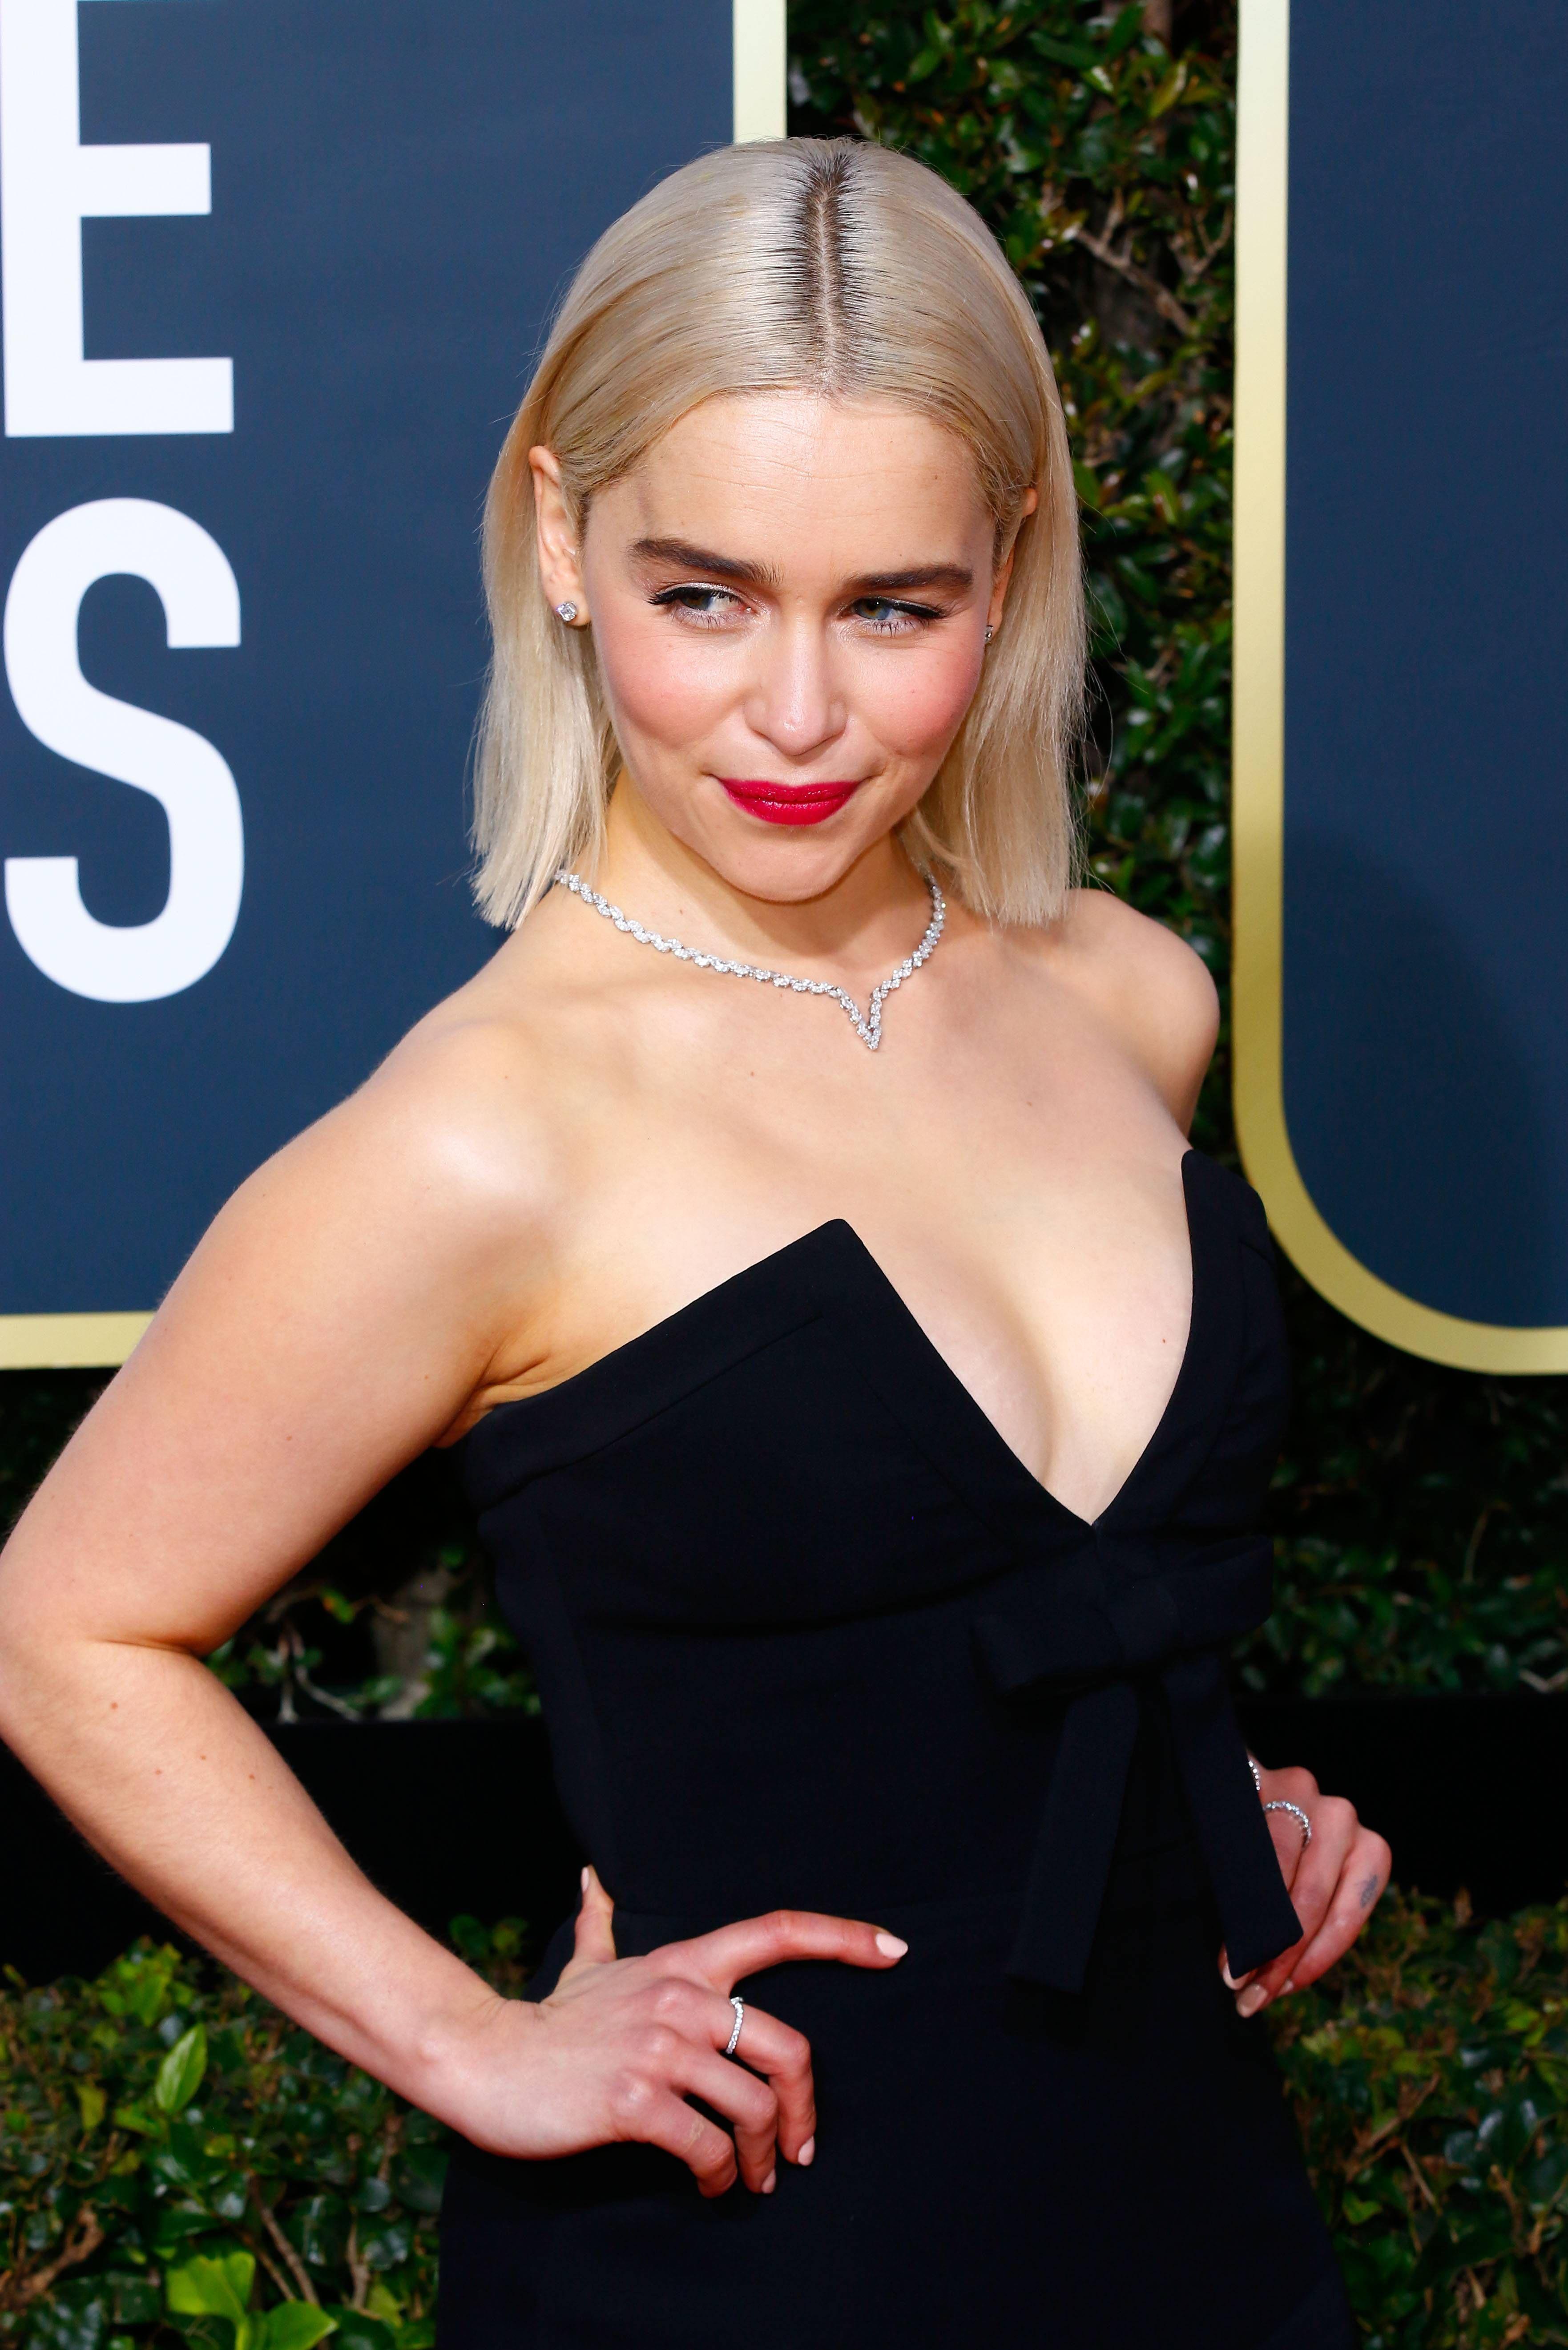 Emilia Clarke Golden Globes 2018